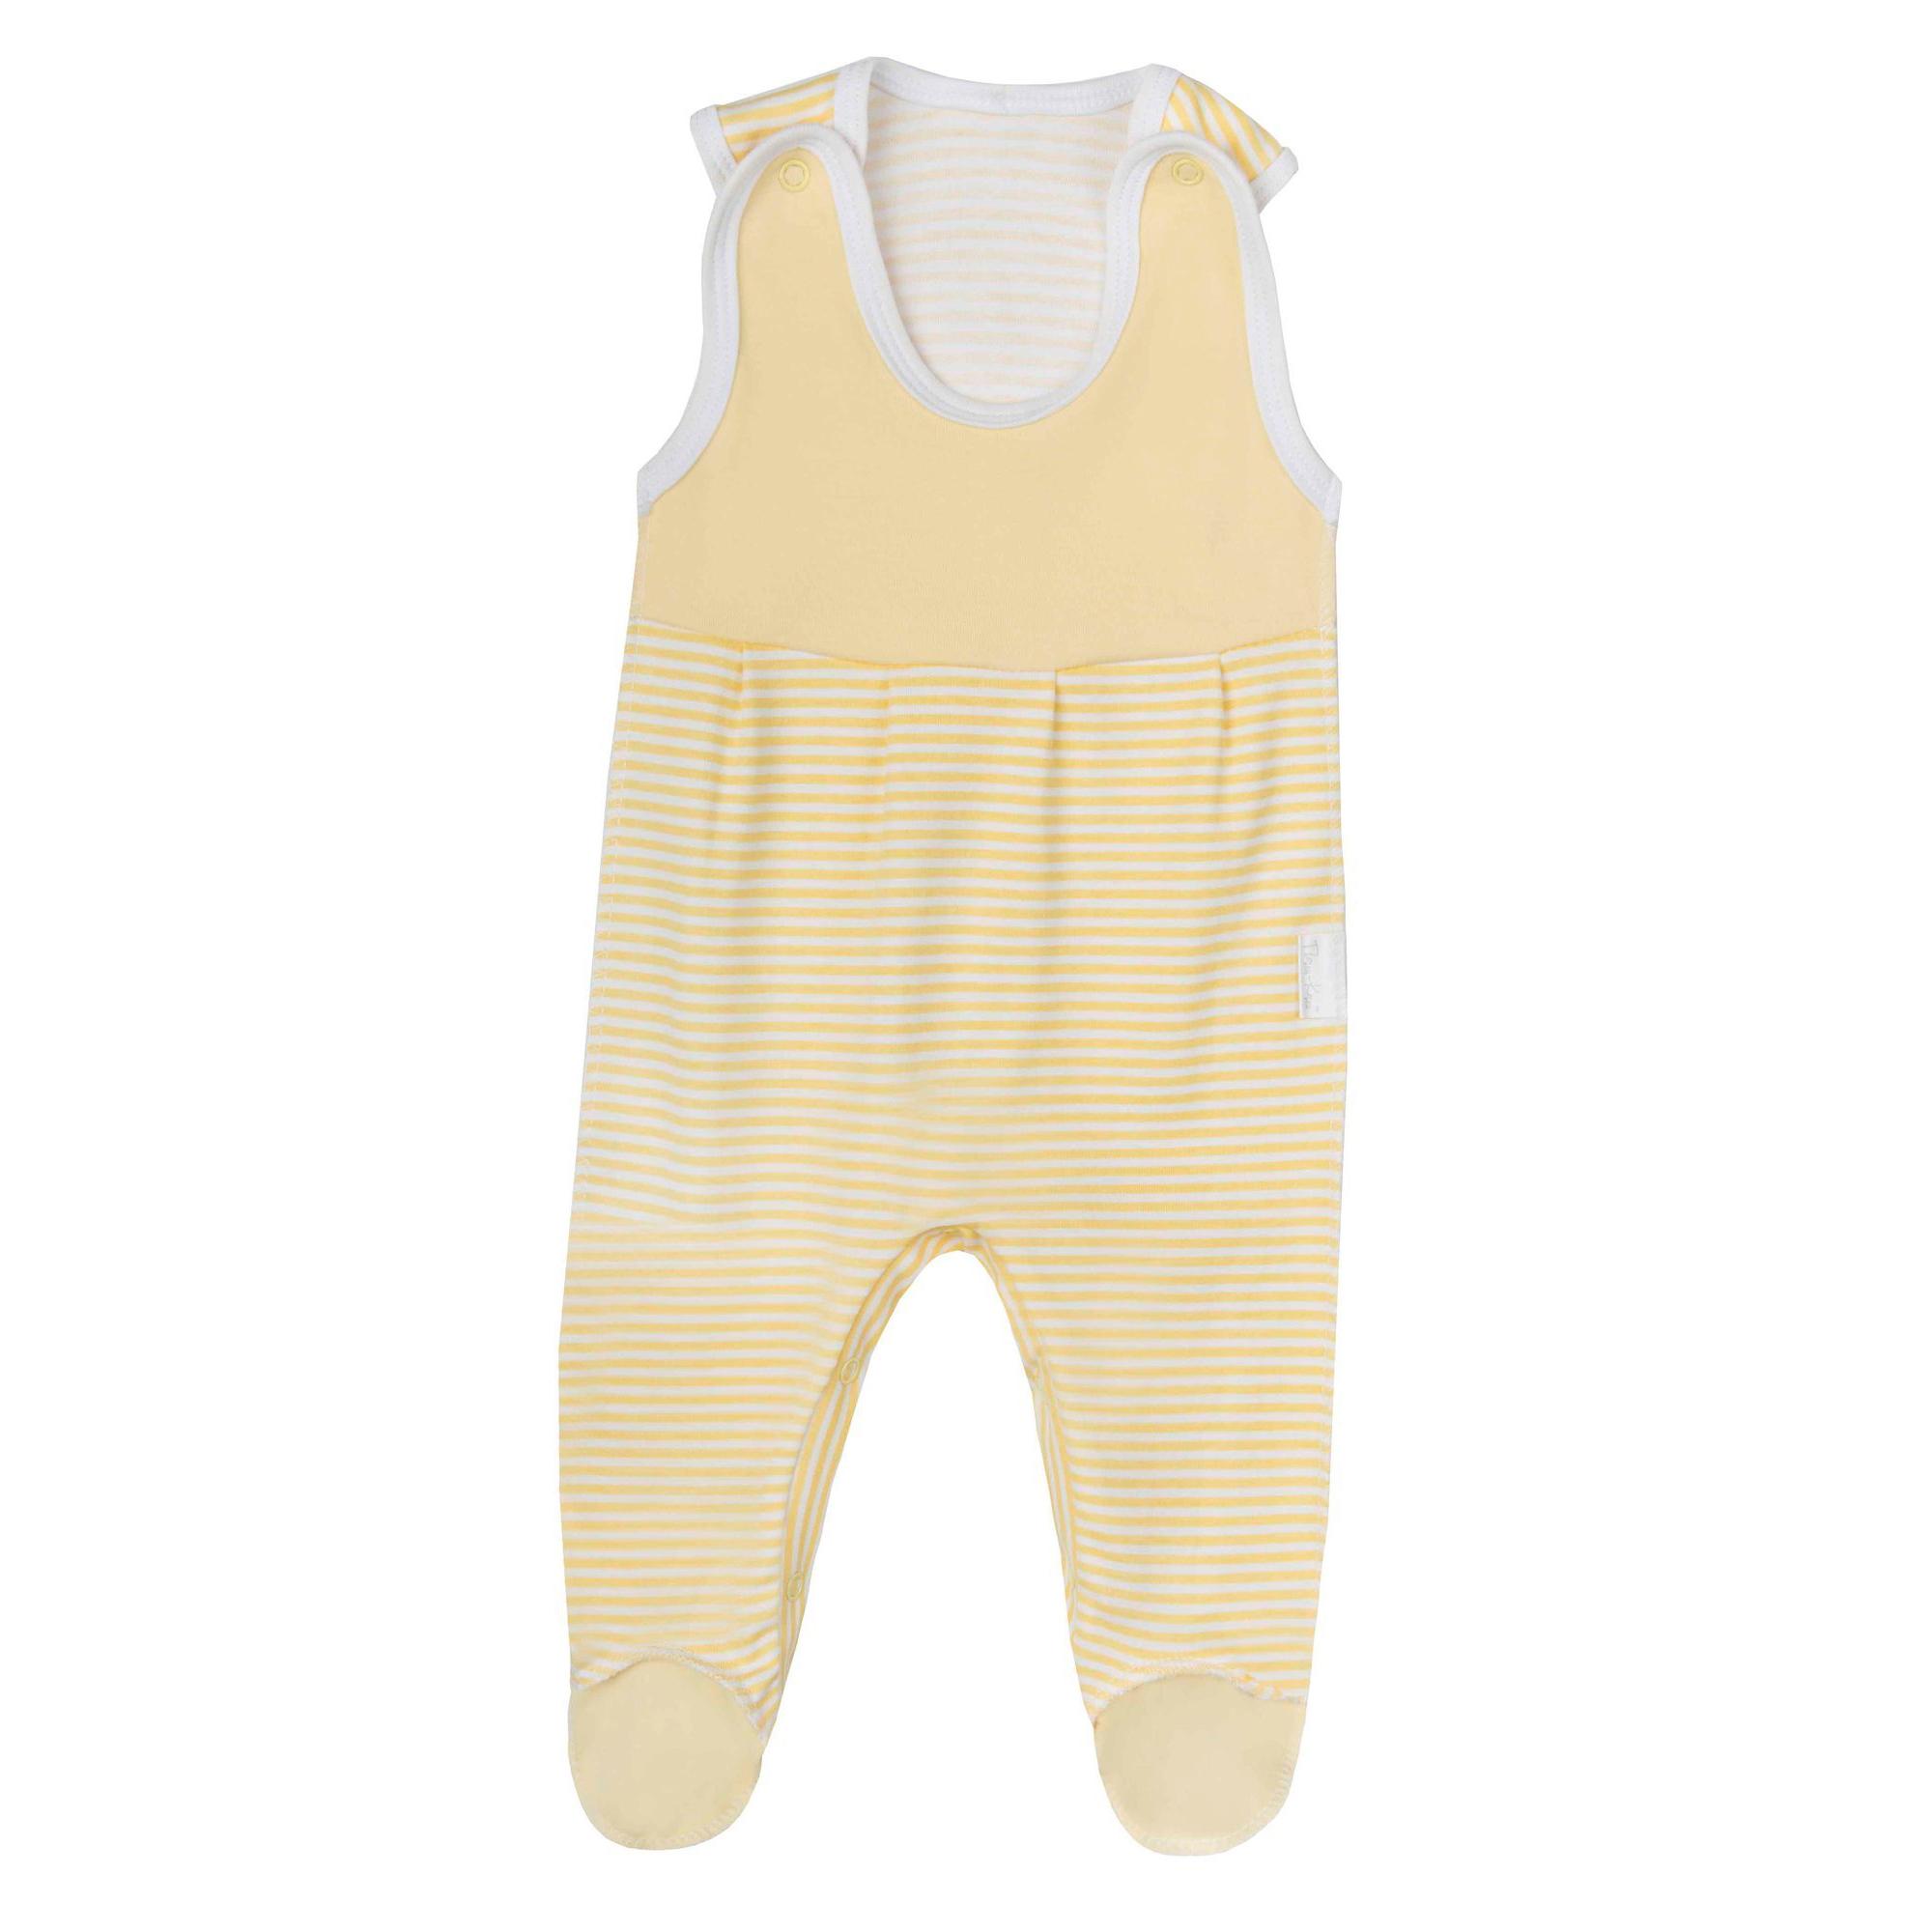 Дешевая детская одежда почтой доставка